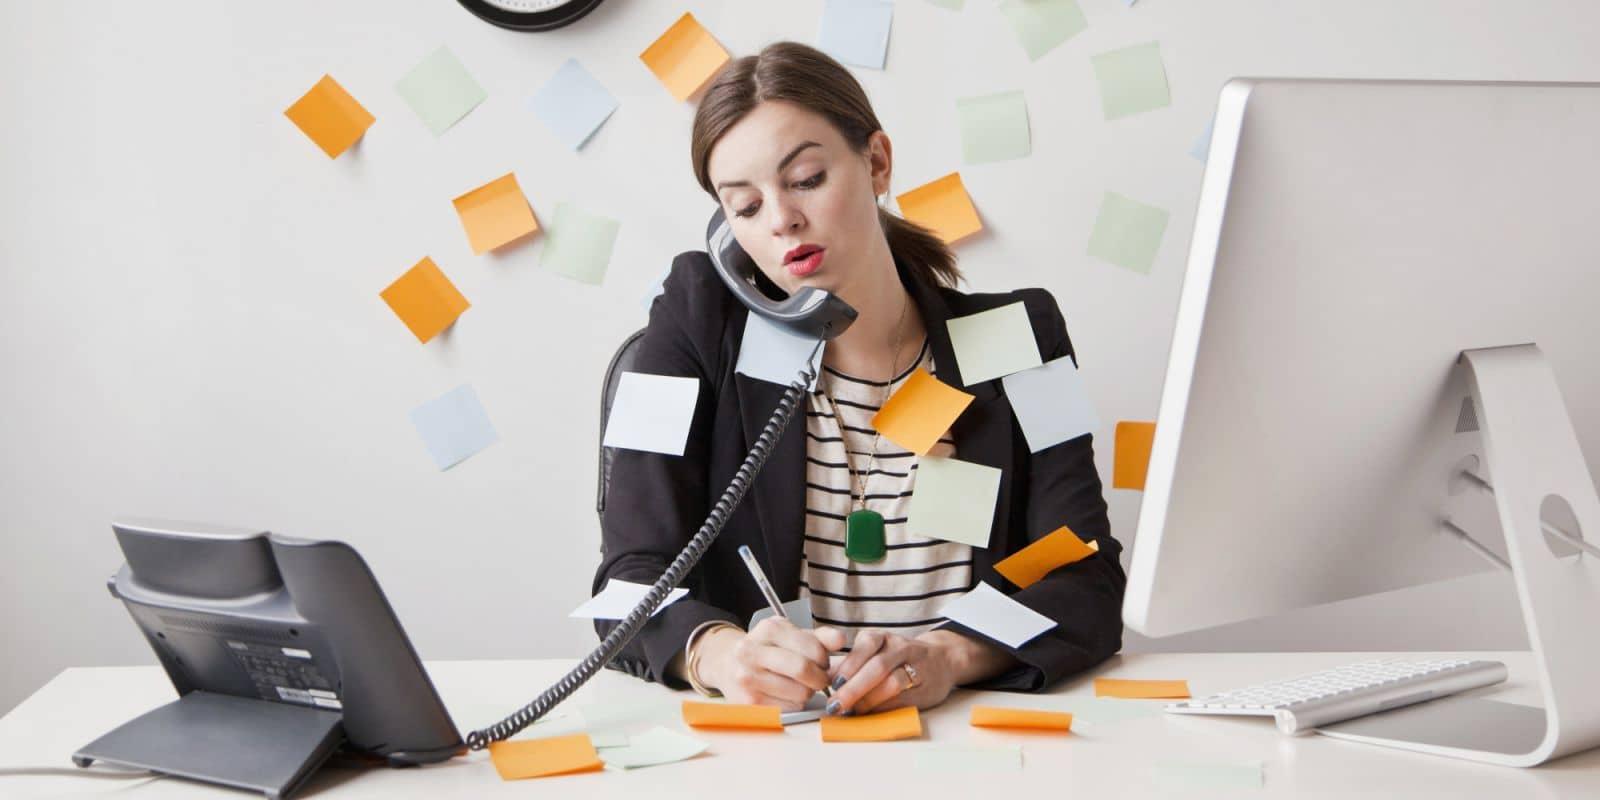 Mất tập trung khi làm việc: Nguyên nhân và giải pháp